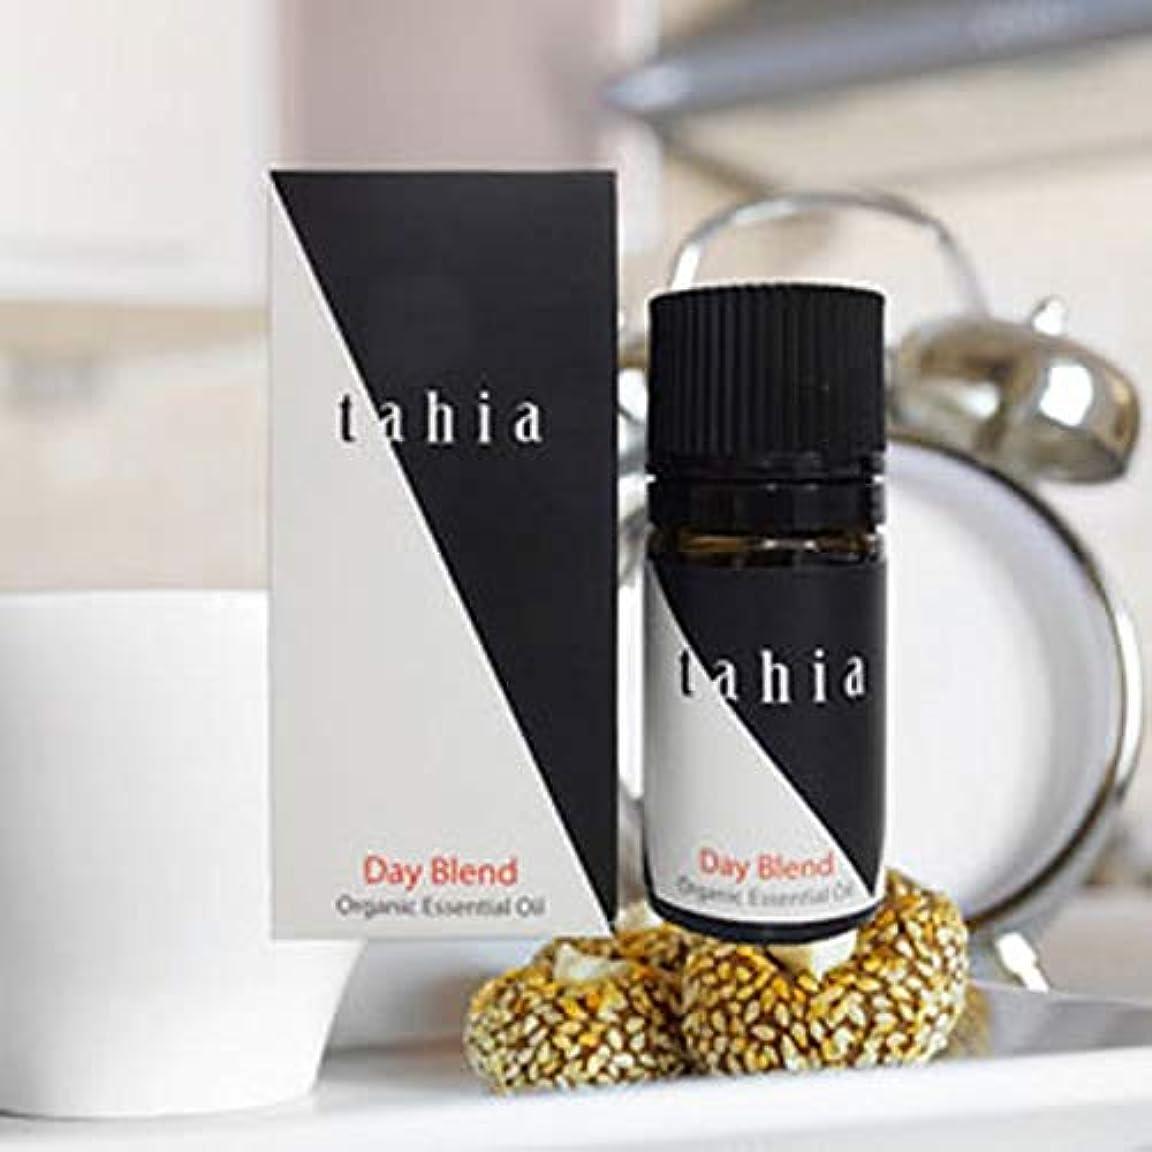 非公式北東対角線タツフト タヒア tahia デイブレンド  エッセンシャルオイル オーガニック 芳香 精油